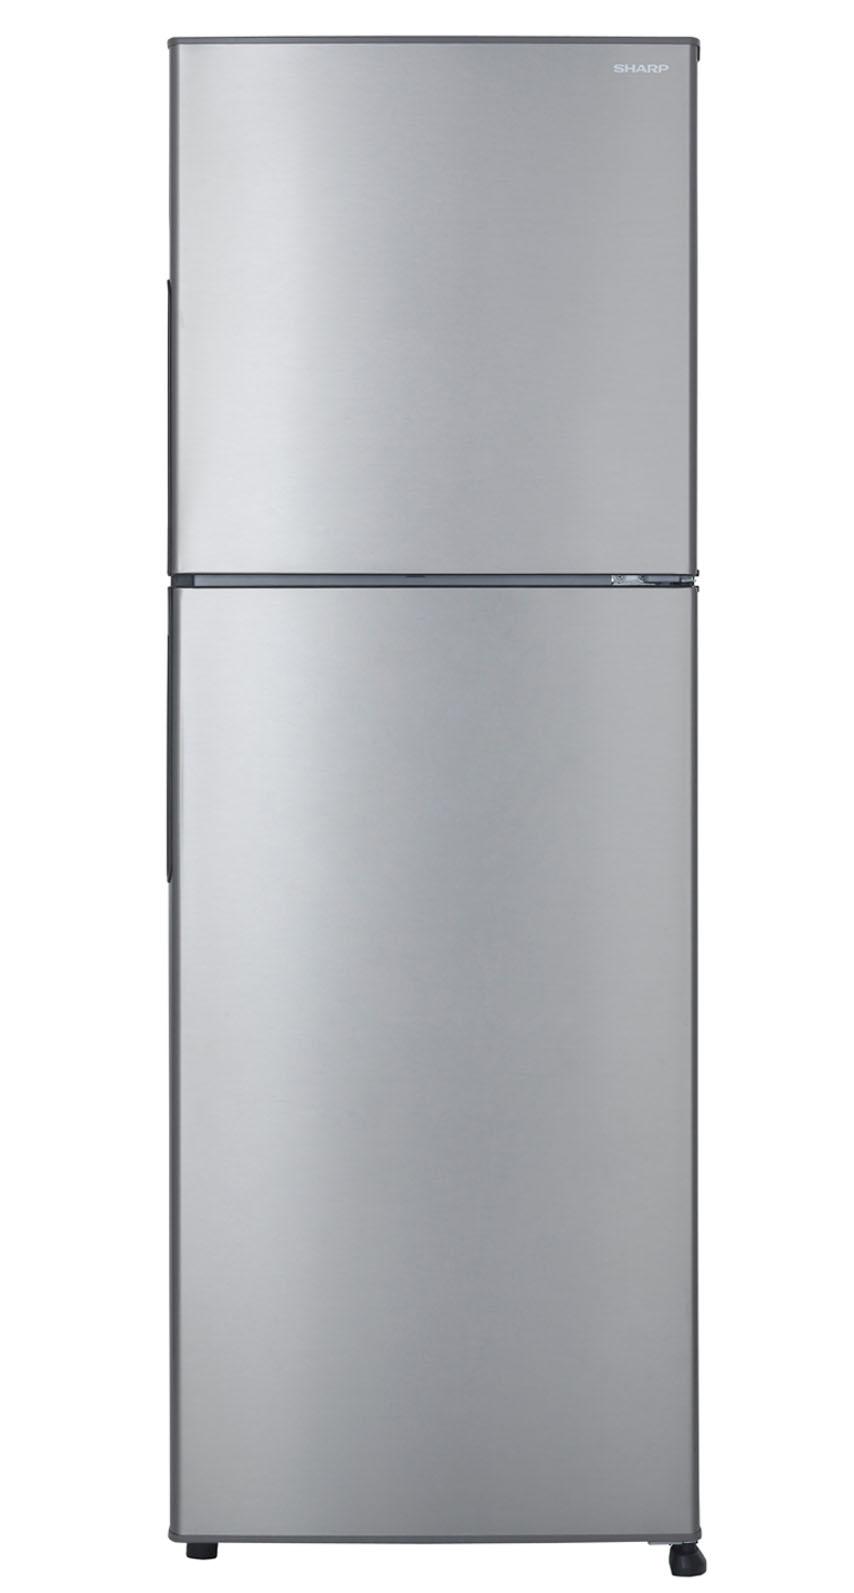 Sharp ตู้เย็น 2 ประตู พร้อมระบบฟอกอากาศ Ag+ Nano ขนาด 7.9 คิวรุ่น SJ-Y22T-SL - สีเงิน